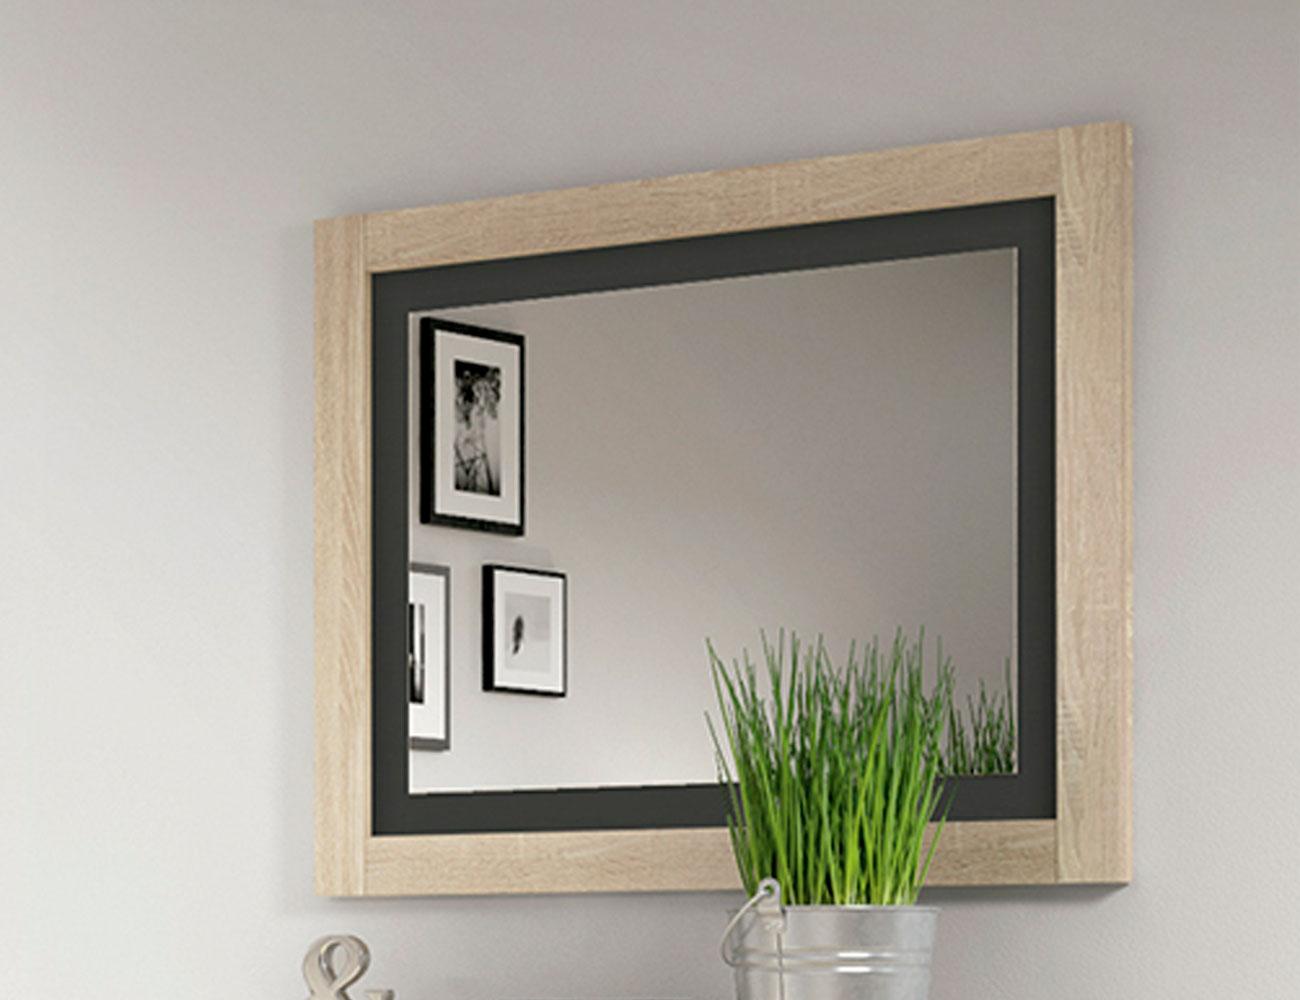 Marco espejo moderno para cómoda (2123) | Factory del Mueble Utrera